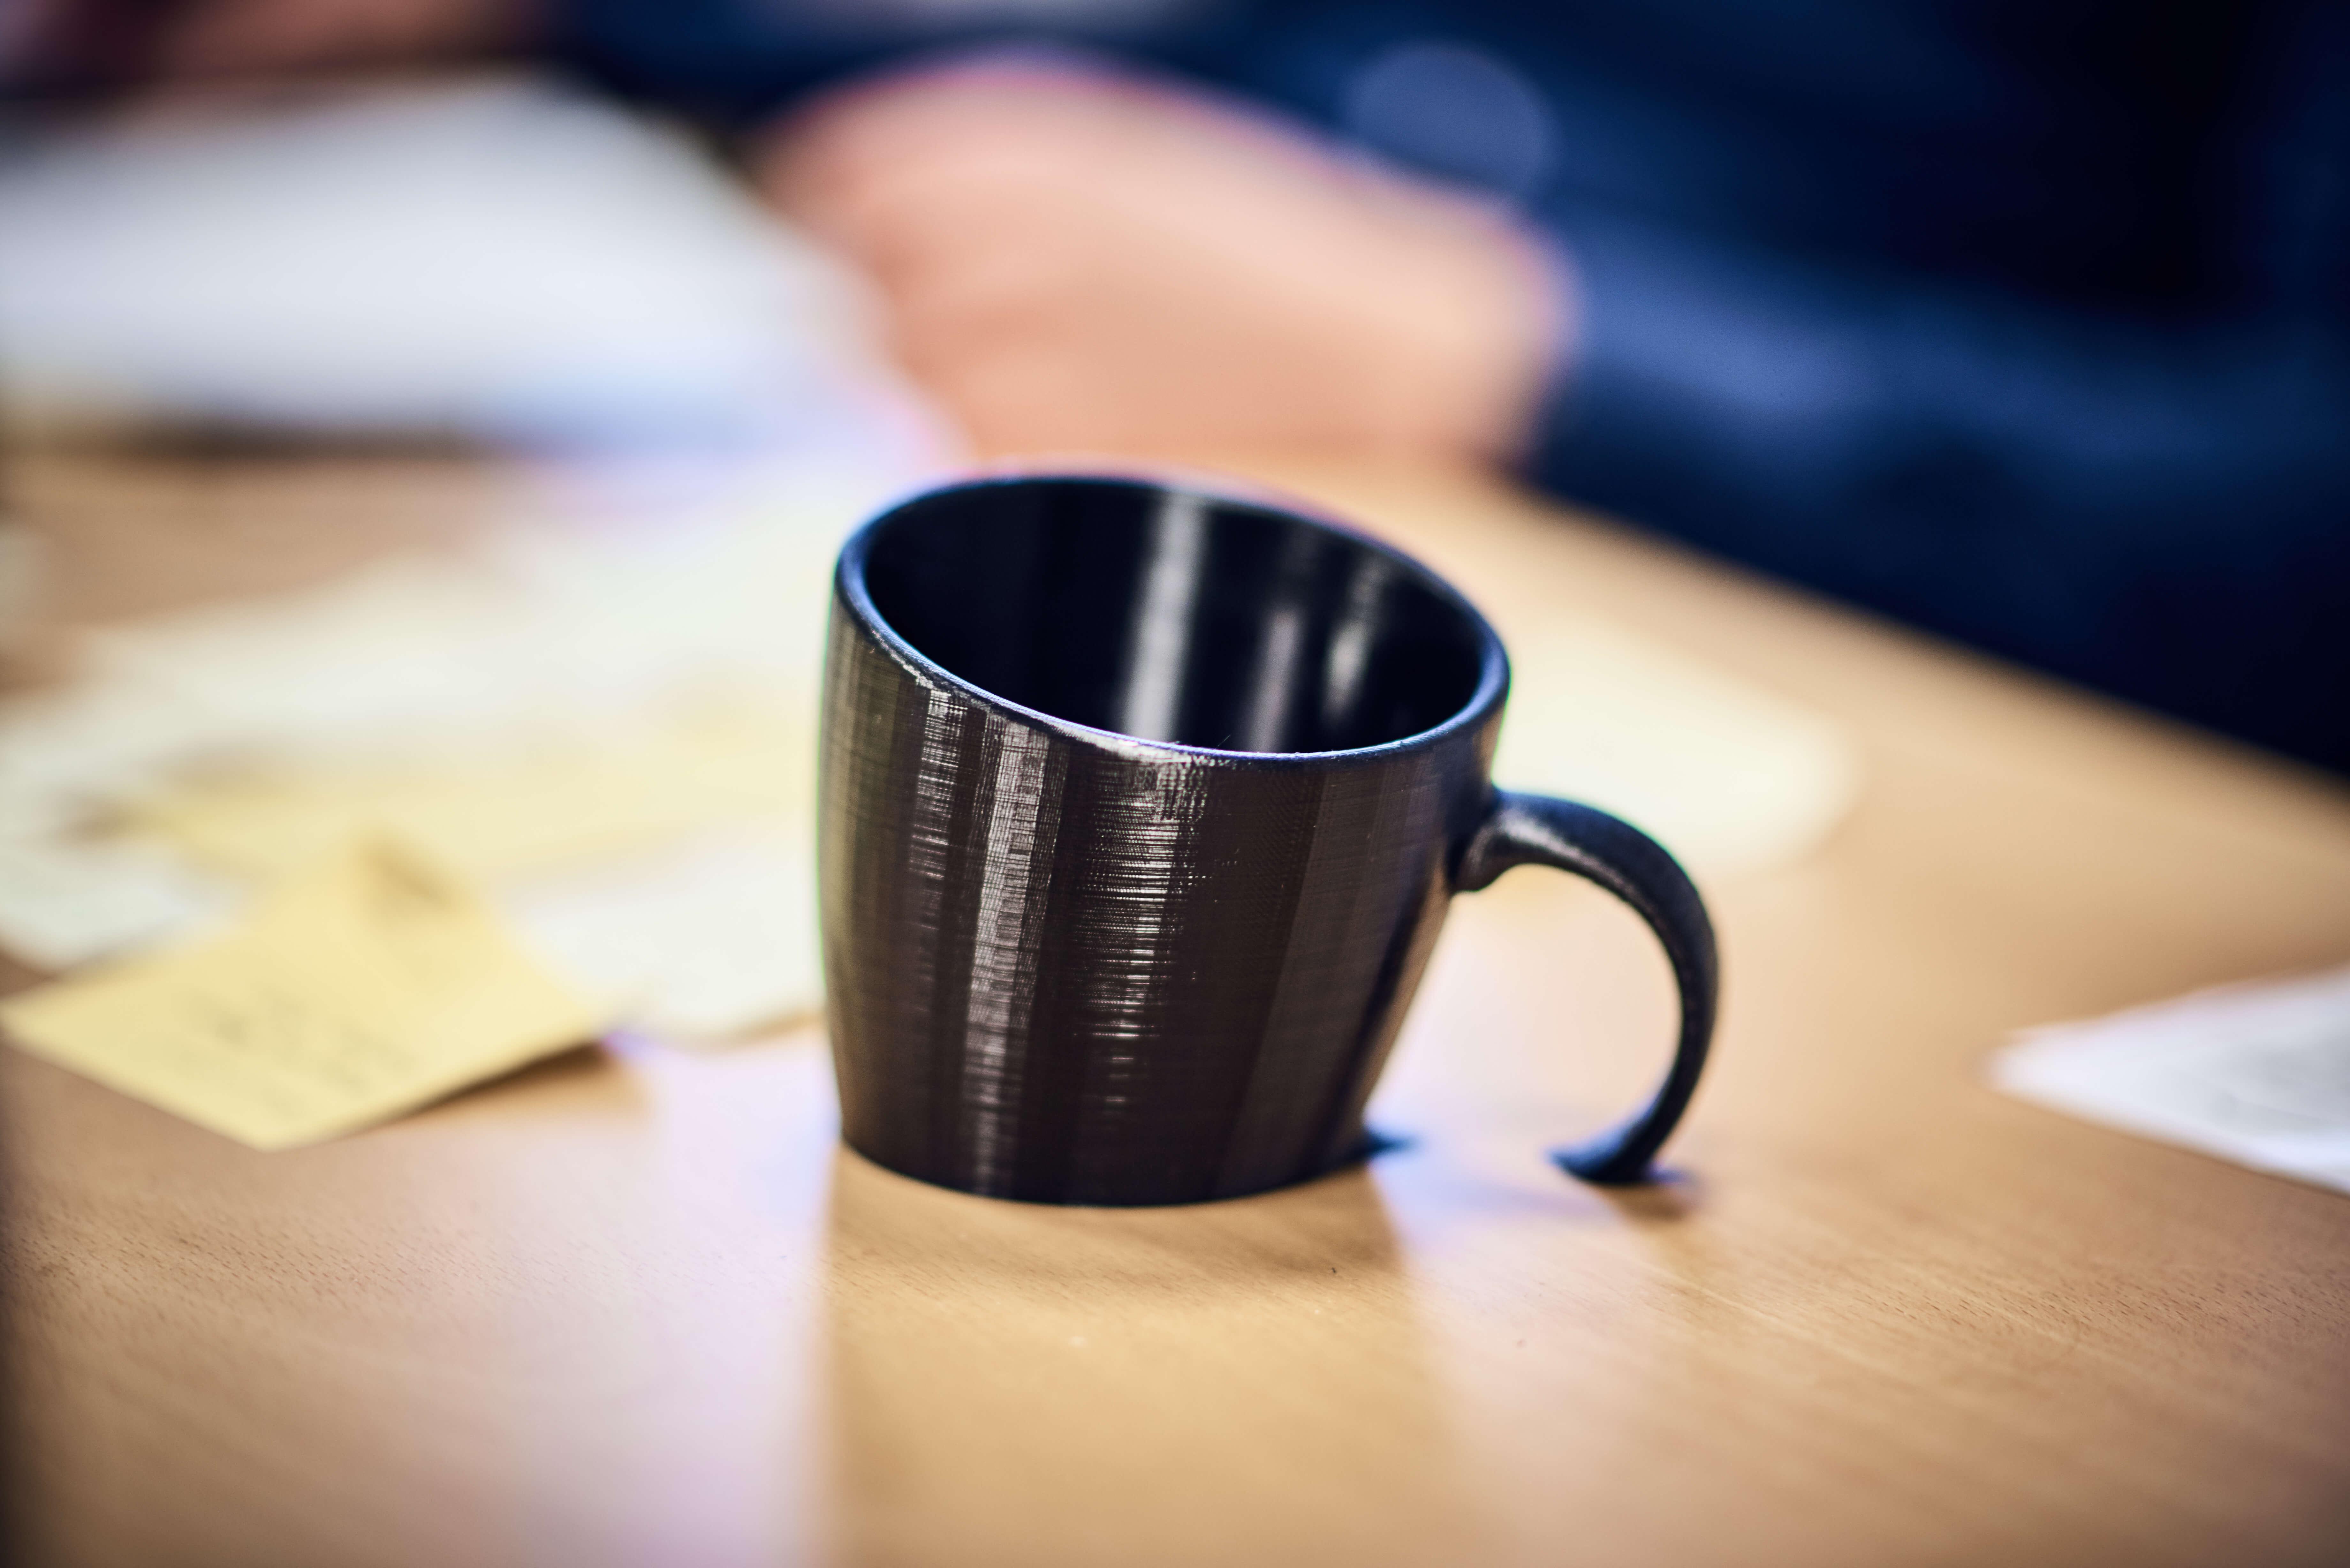 halbe Kaffeetasse aus dem 3D-Drucker der PROSPER X GmbH